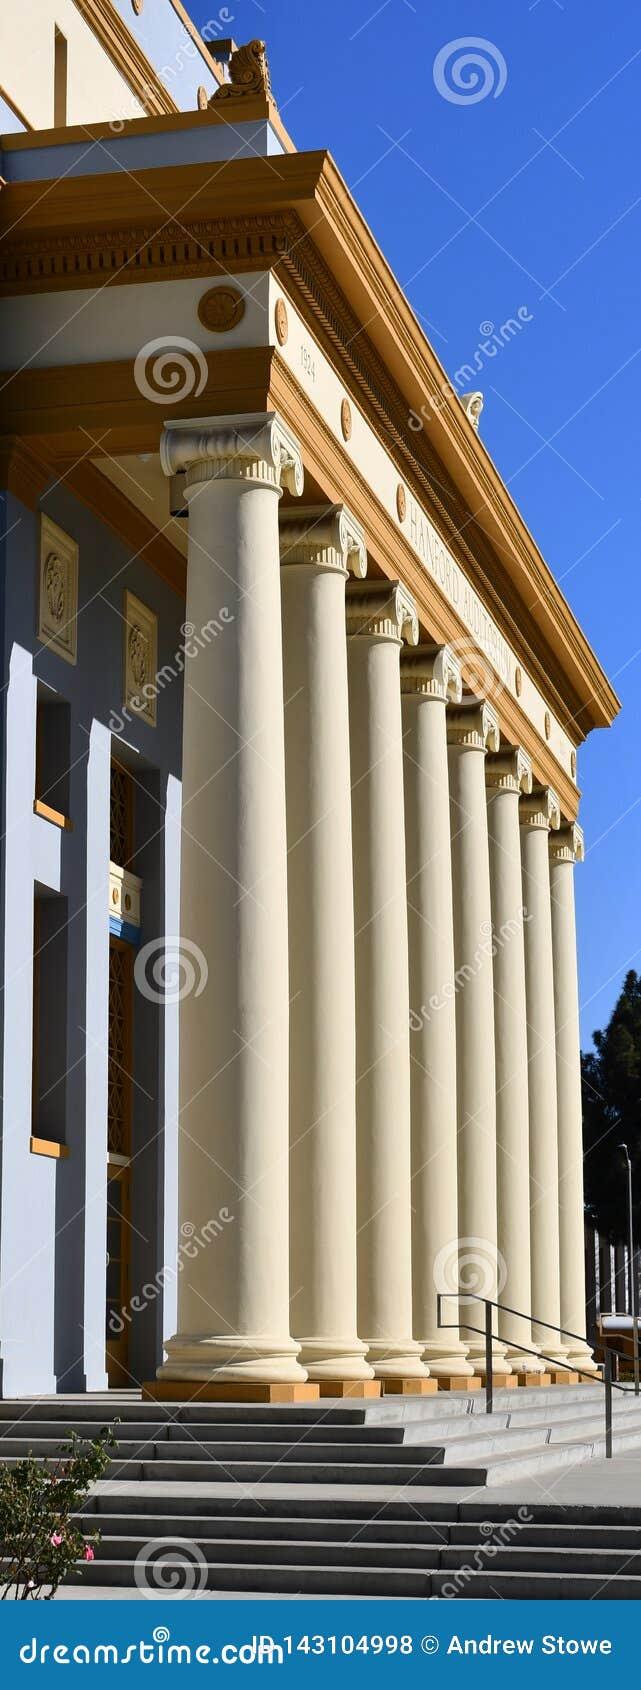 Ένα κτήριο με τις κορινθιακές στήλες σε μια κιονοστοιχία σειρών το νεοκλασσικό ύφος οικοδόμησης μοιάζει με ένα δικαστήριο δικαστη